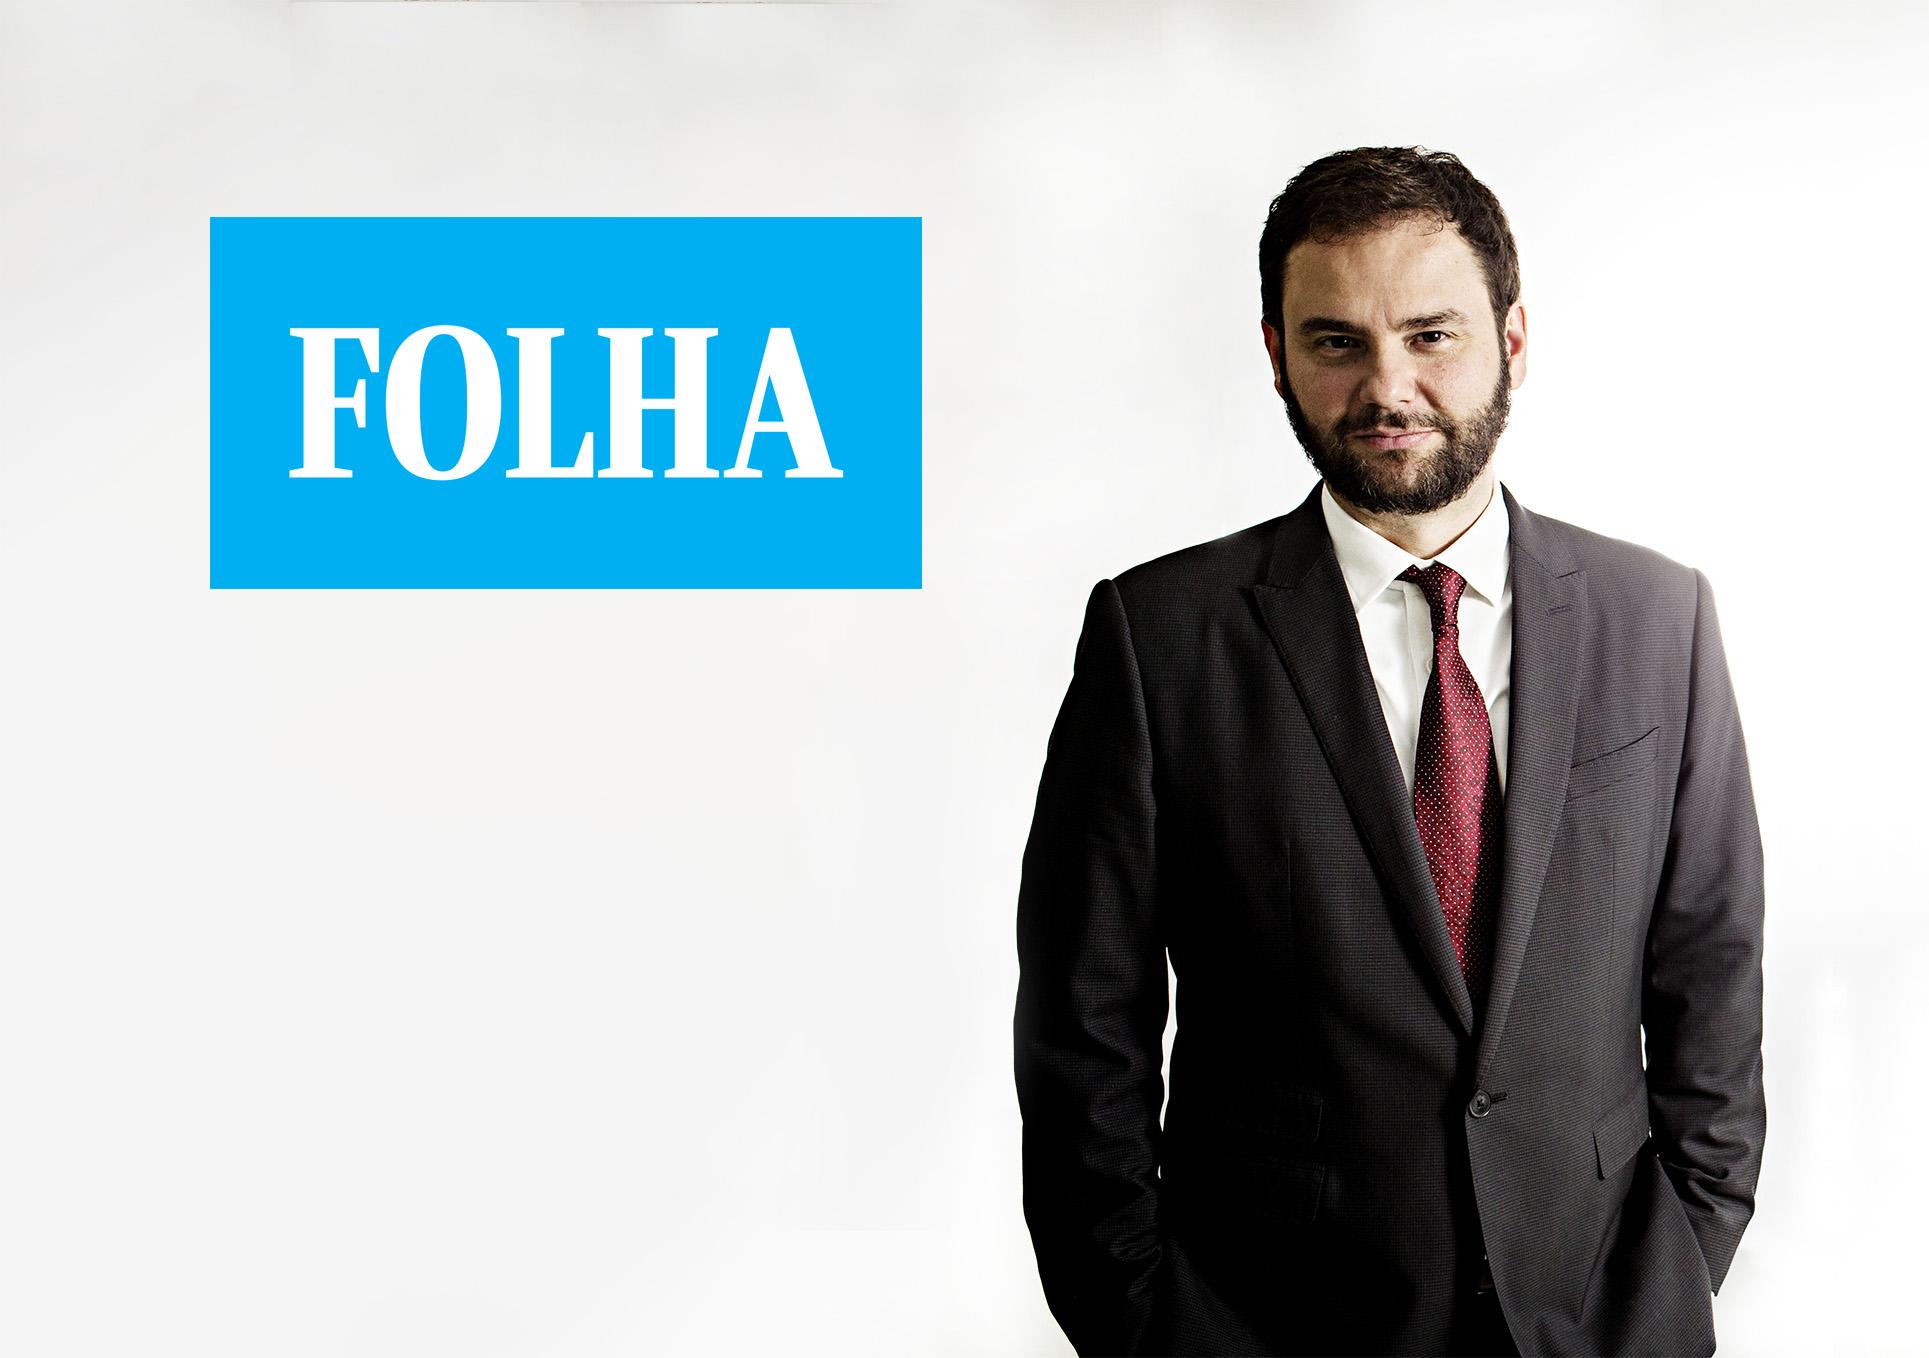 Sérgio Dávila substitui Maria Cristina Frias como diretor de redação da Folha de S. Paulo